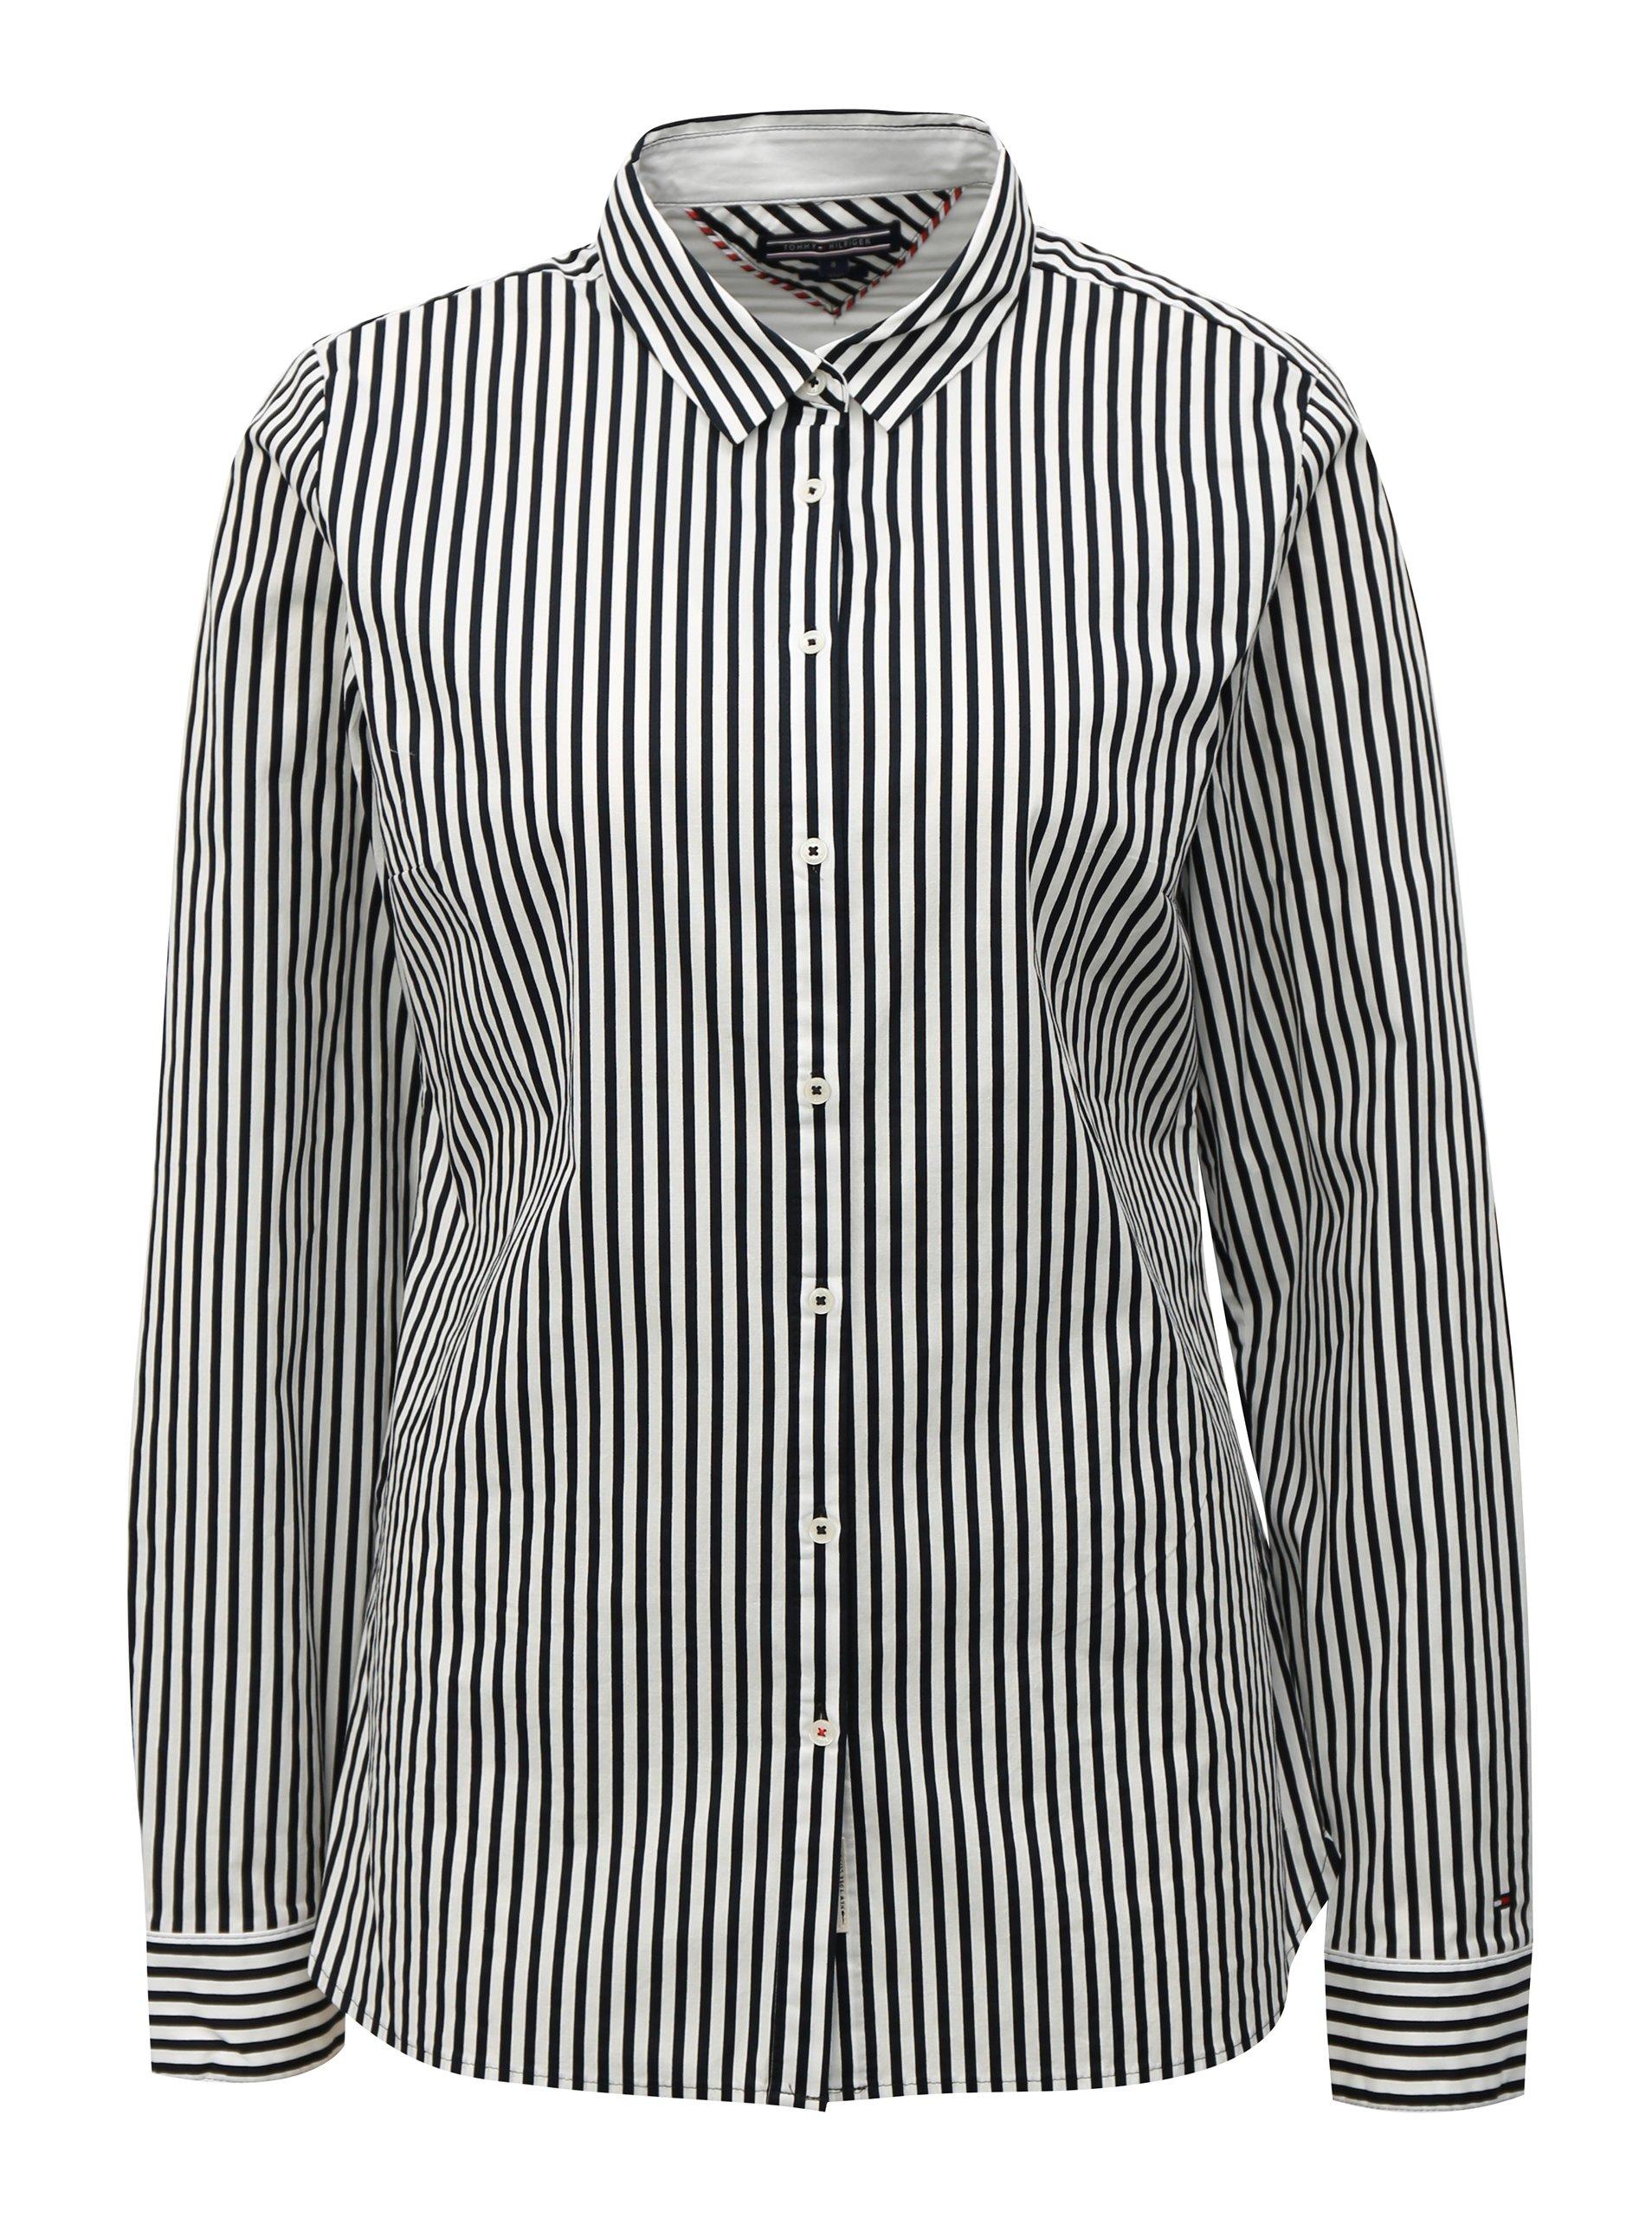 Černo-bílá dámská pruhovaná košile Tommy Hilfiger 137d90f7d2